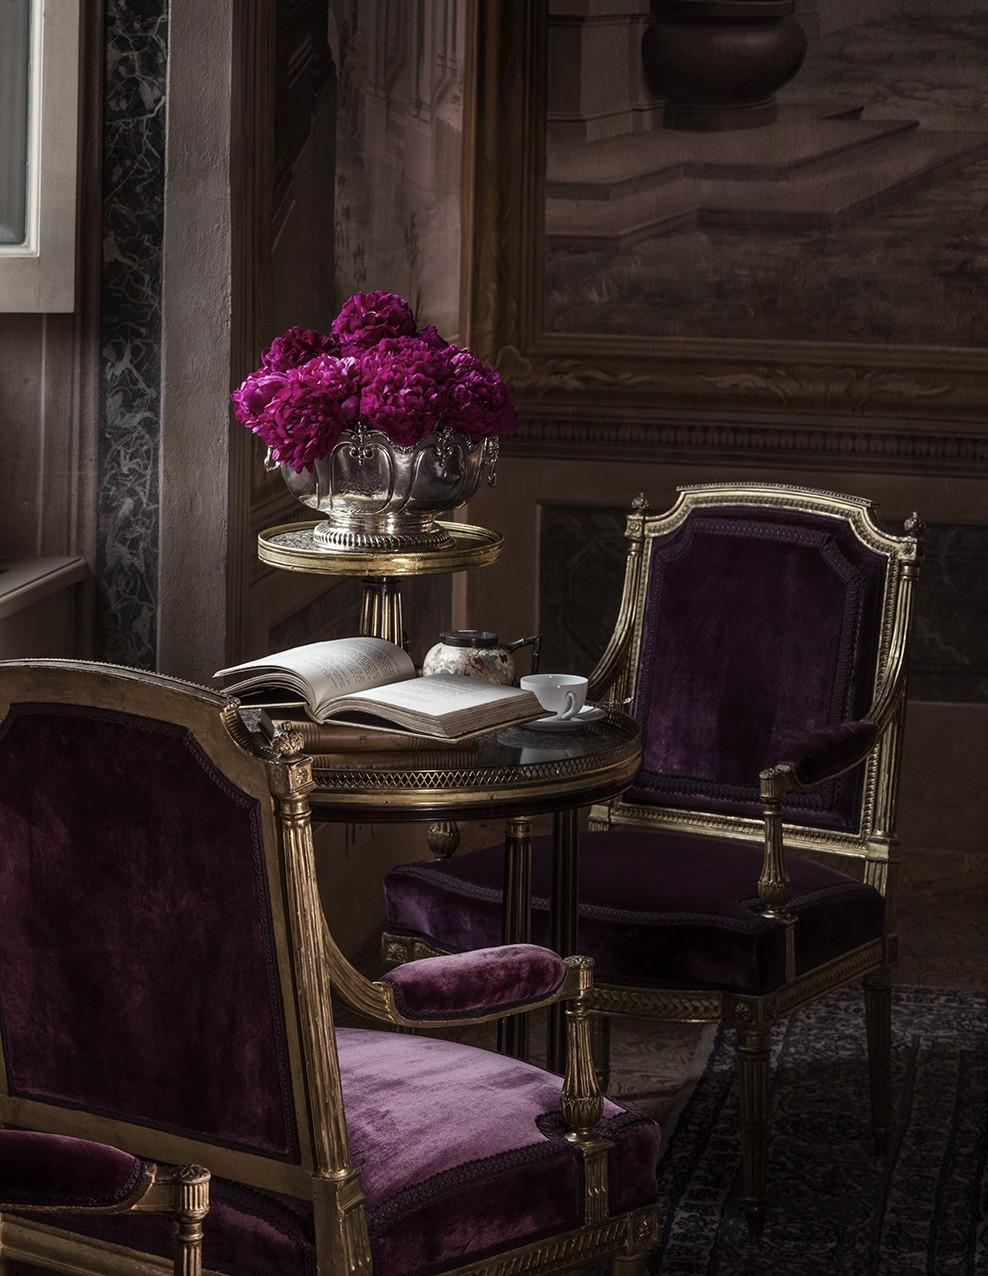 Villa Balbiano lake Como luxury accommodation private villa refined elegant design